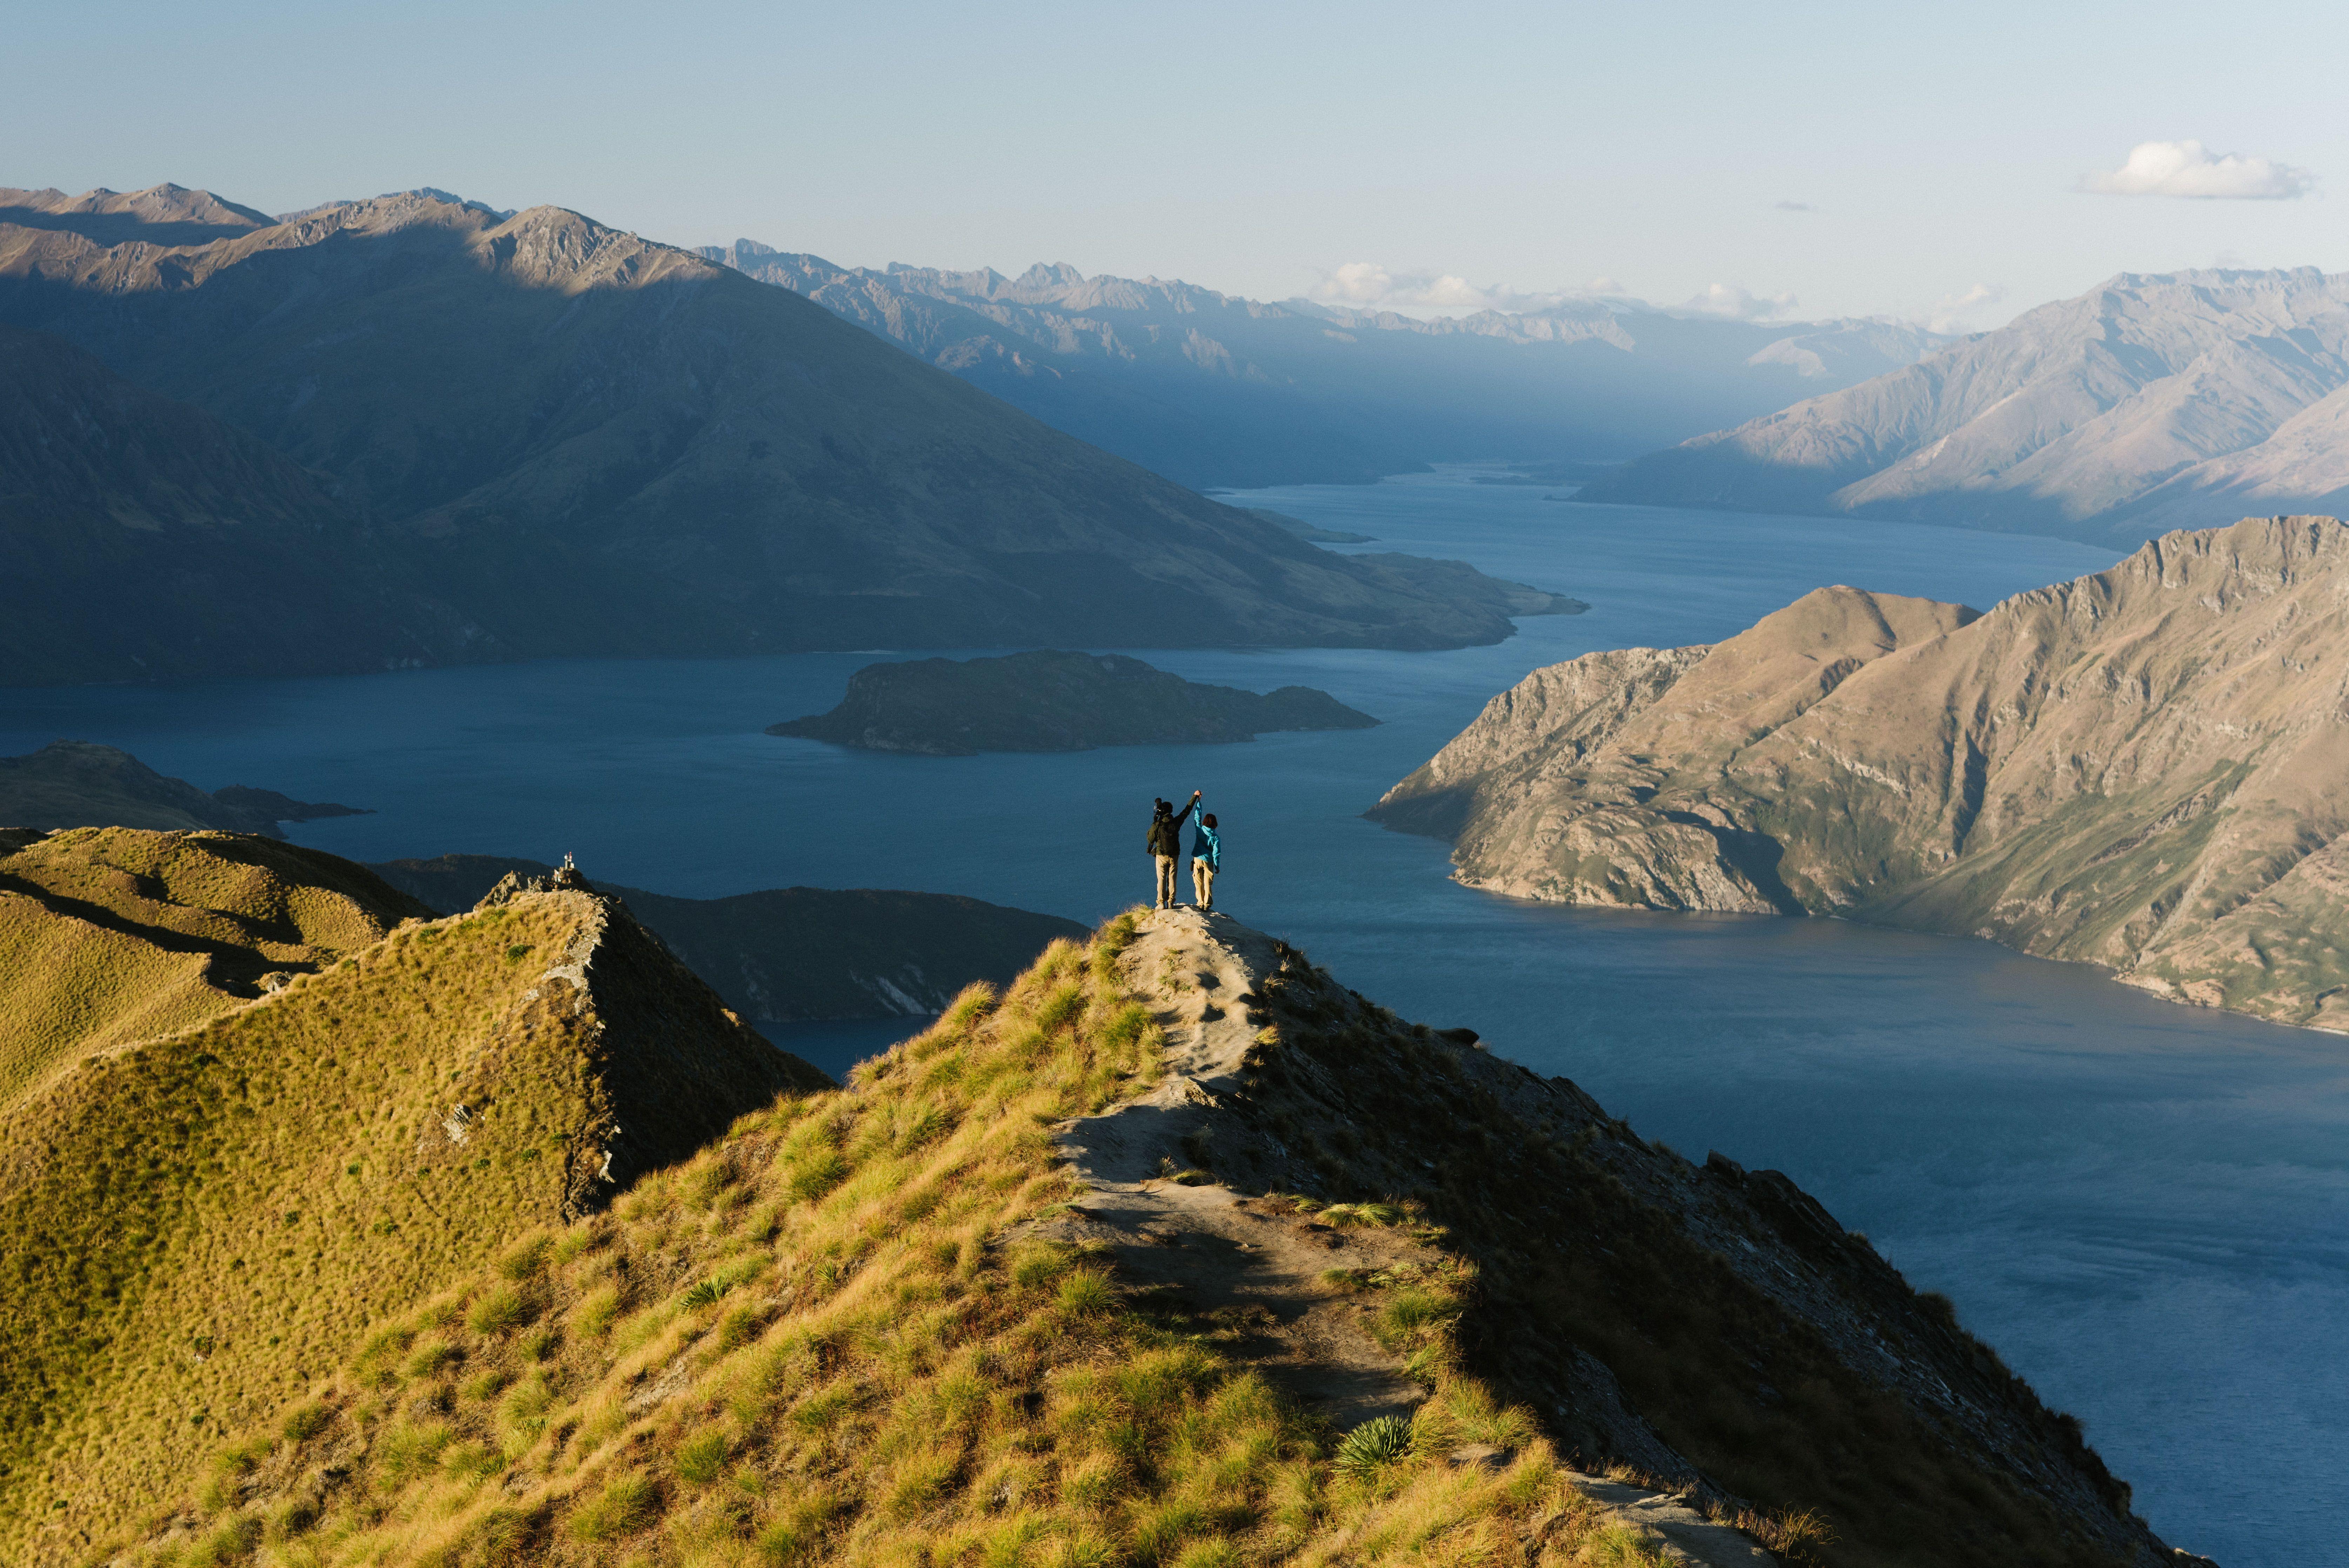 お二人が撮影した山頂の絶景が広がる写真